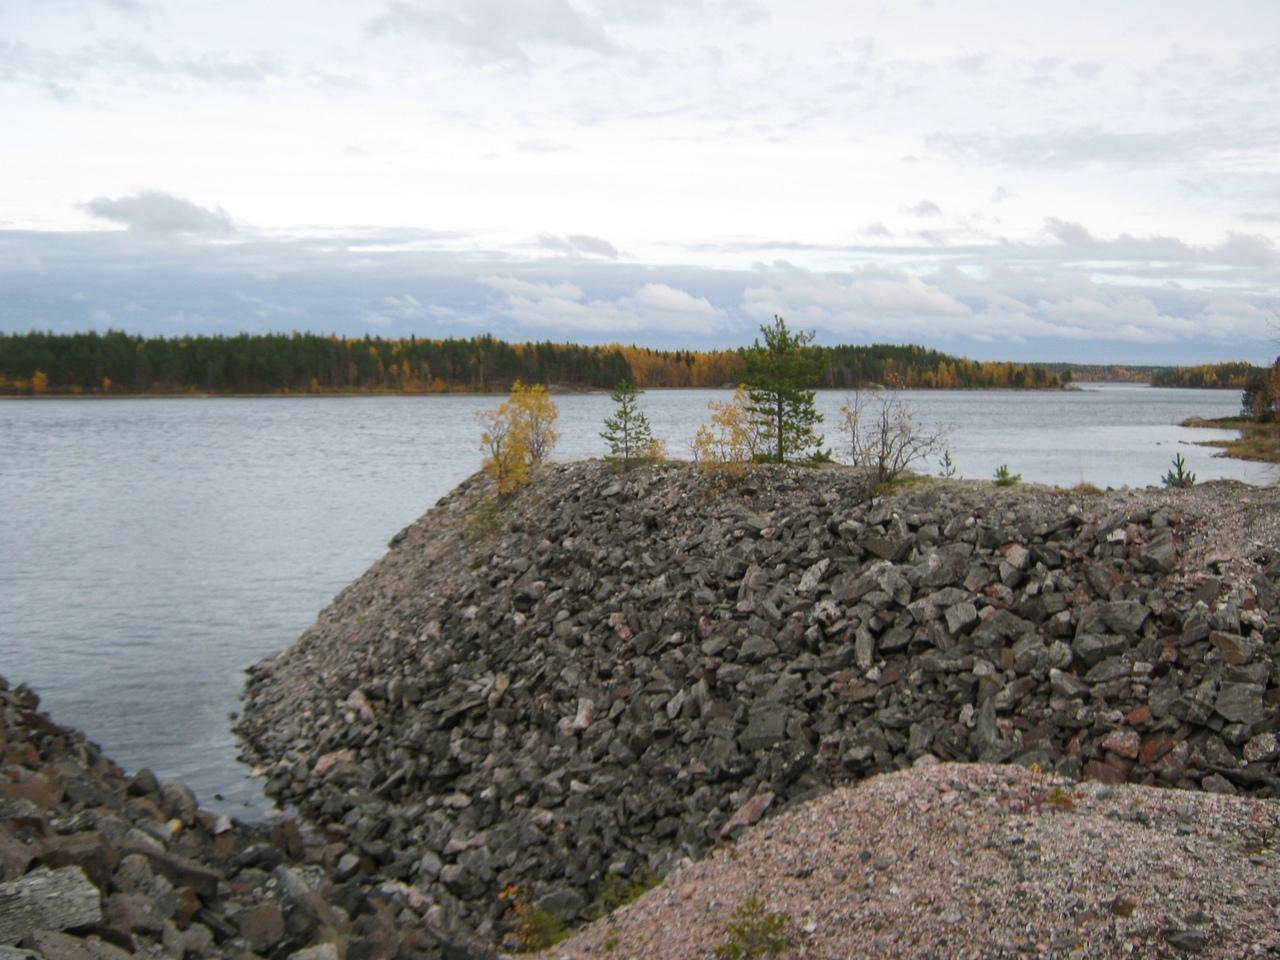 Геологические экскурсии на побережье Чупинского залива Белого моря. Автор Борисов И. В., изображение №6